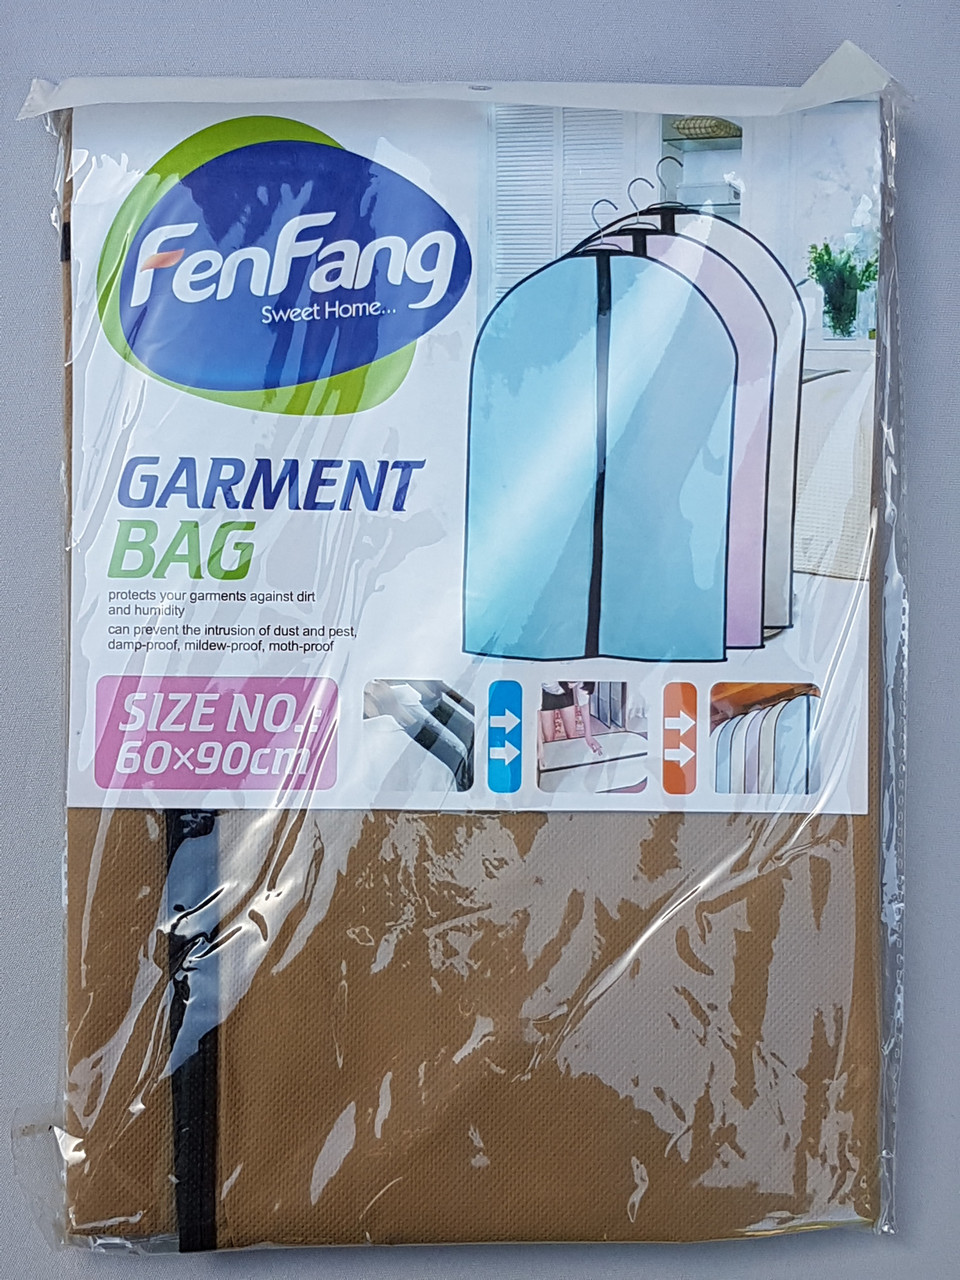 Чехол для хранения одежды флизелиновый на молнии коричневого цвета, размер 60*90 см